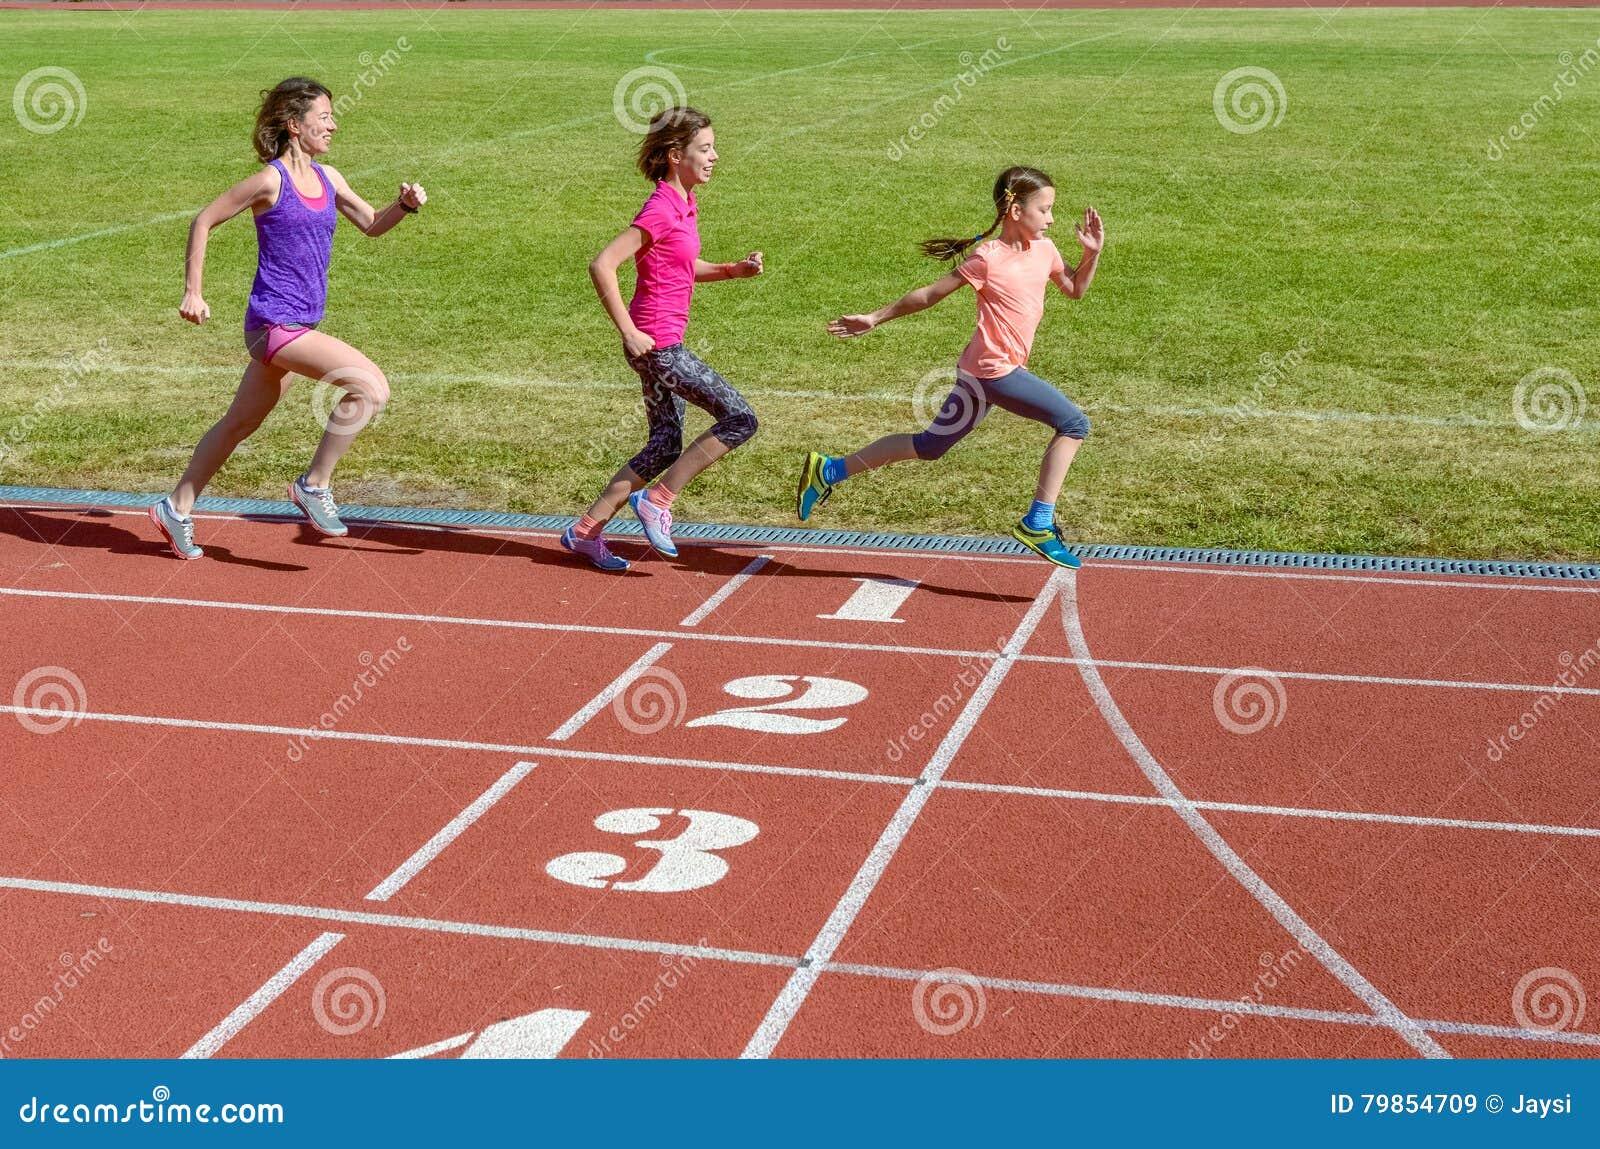 Спорт, мать и дети семьи бежать на следе стадиона, тренировке и фитнесе детей